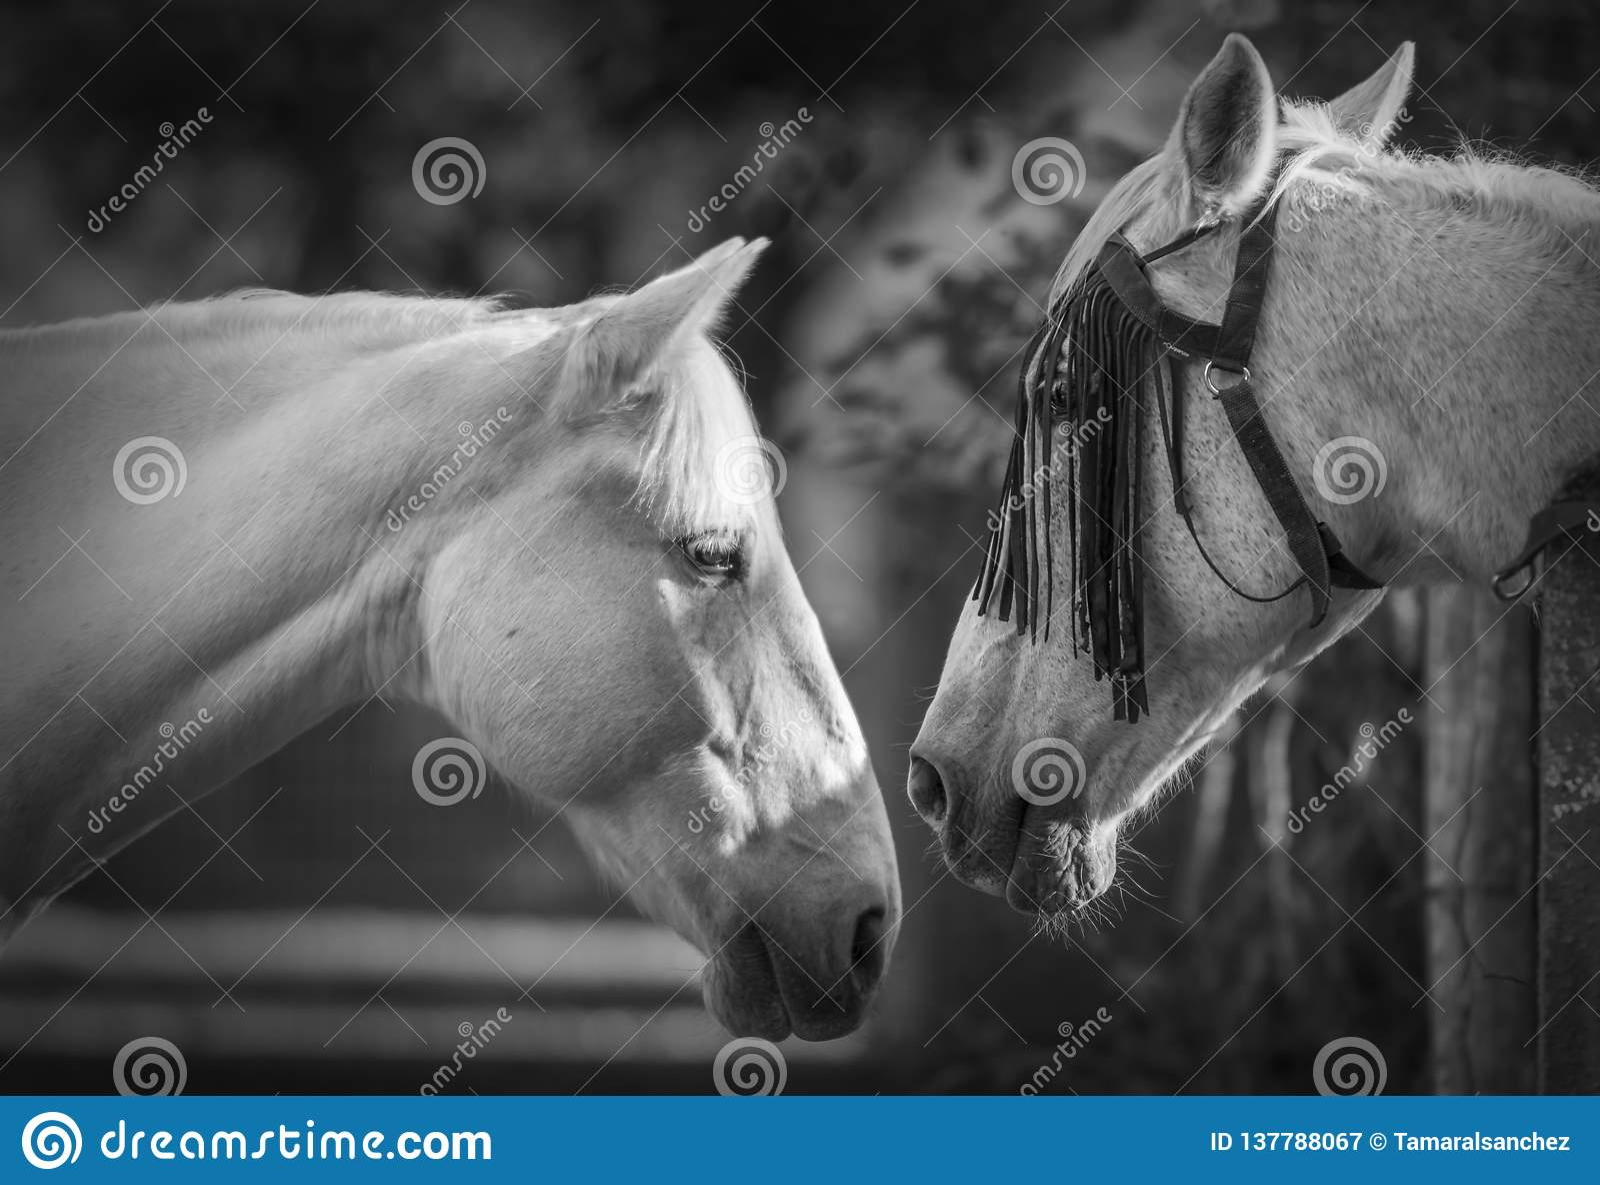 Portrait de deux chevaux blancs en noir et blanc